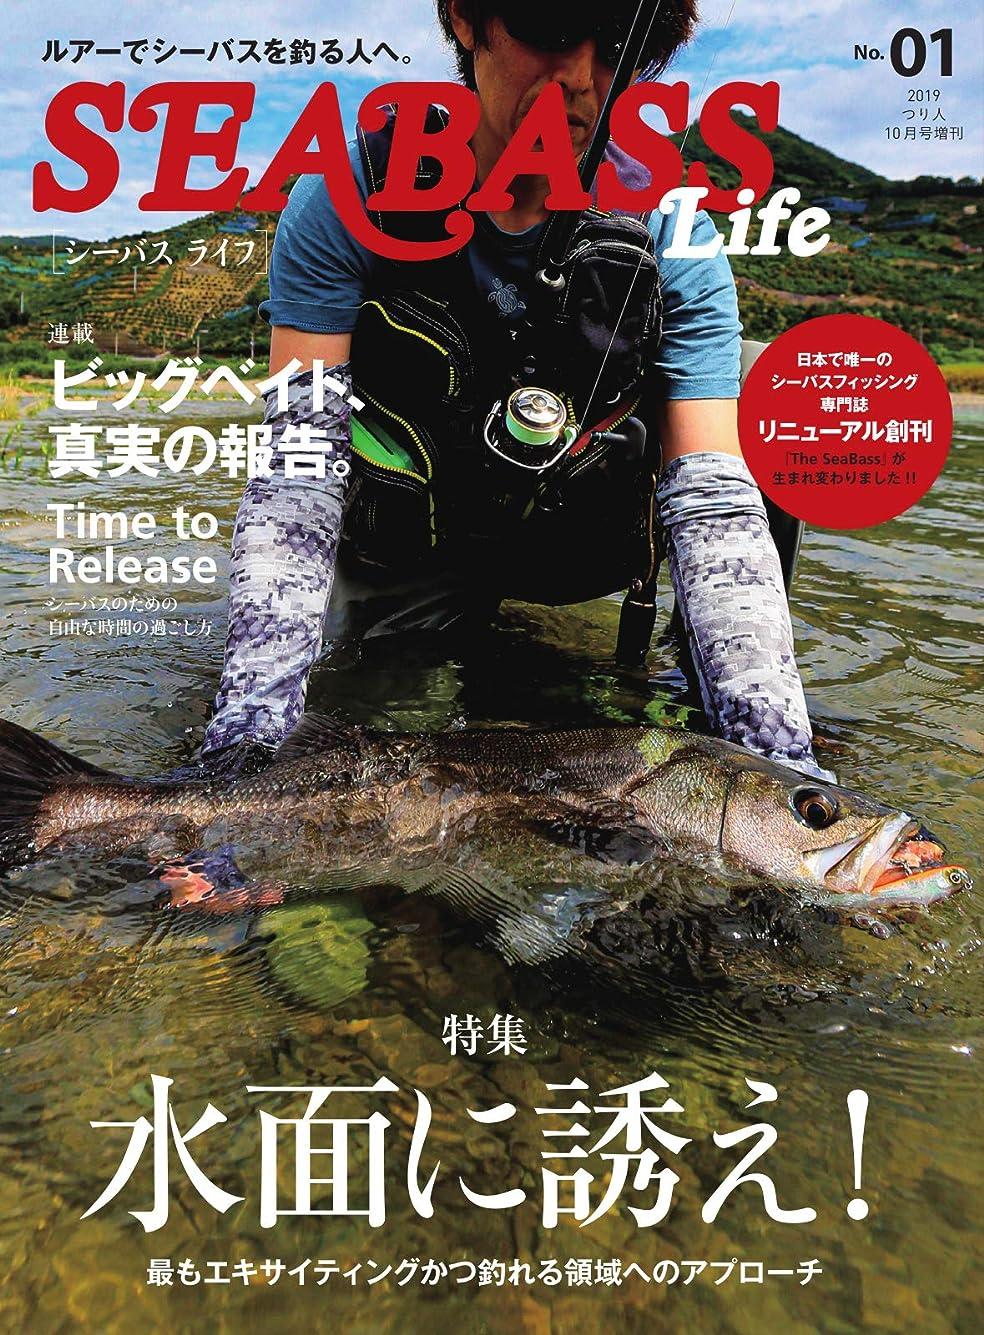 産地グラディス発明する別冊つり人シリーズ SEABASS Life No.01 (2019-09-13) [雑誌]